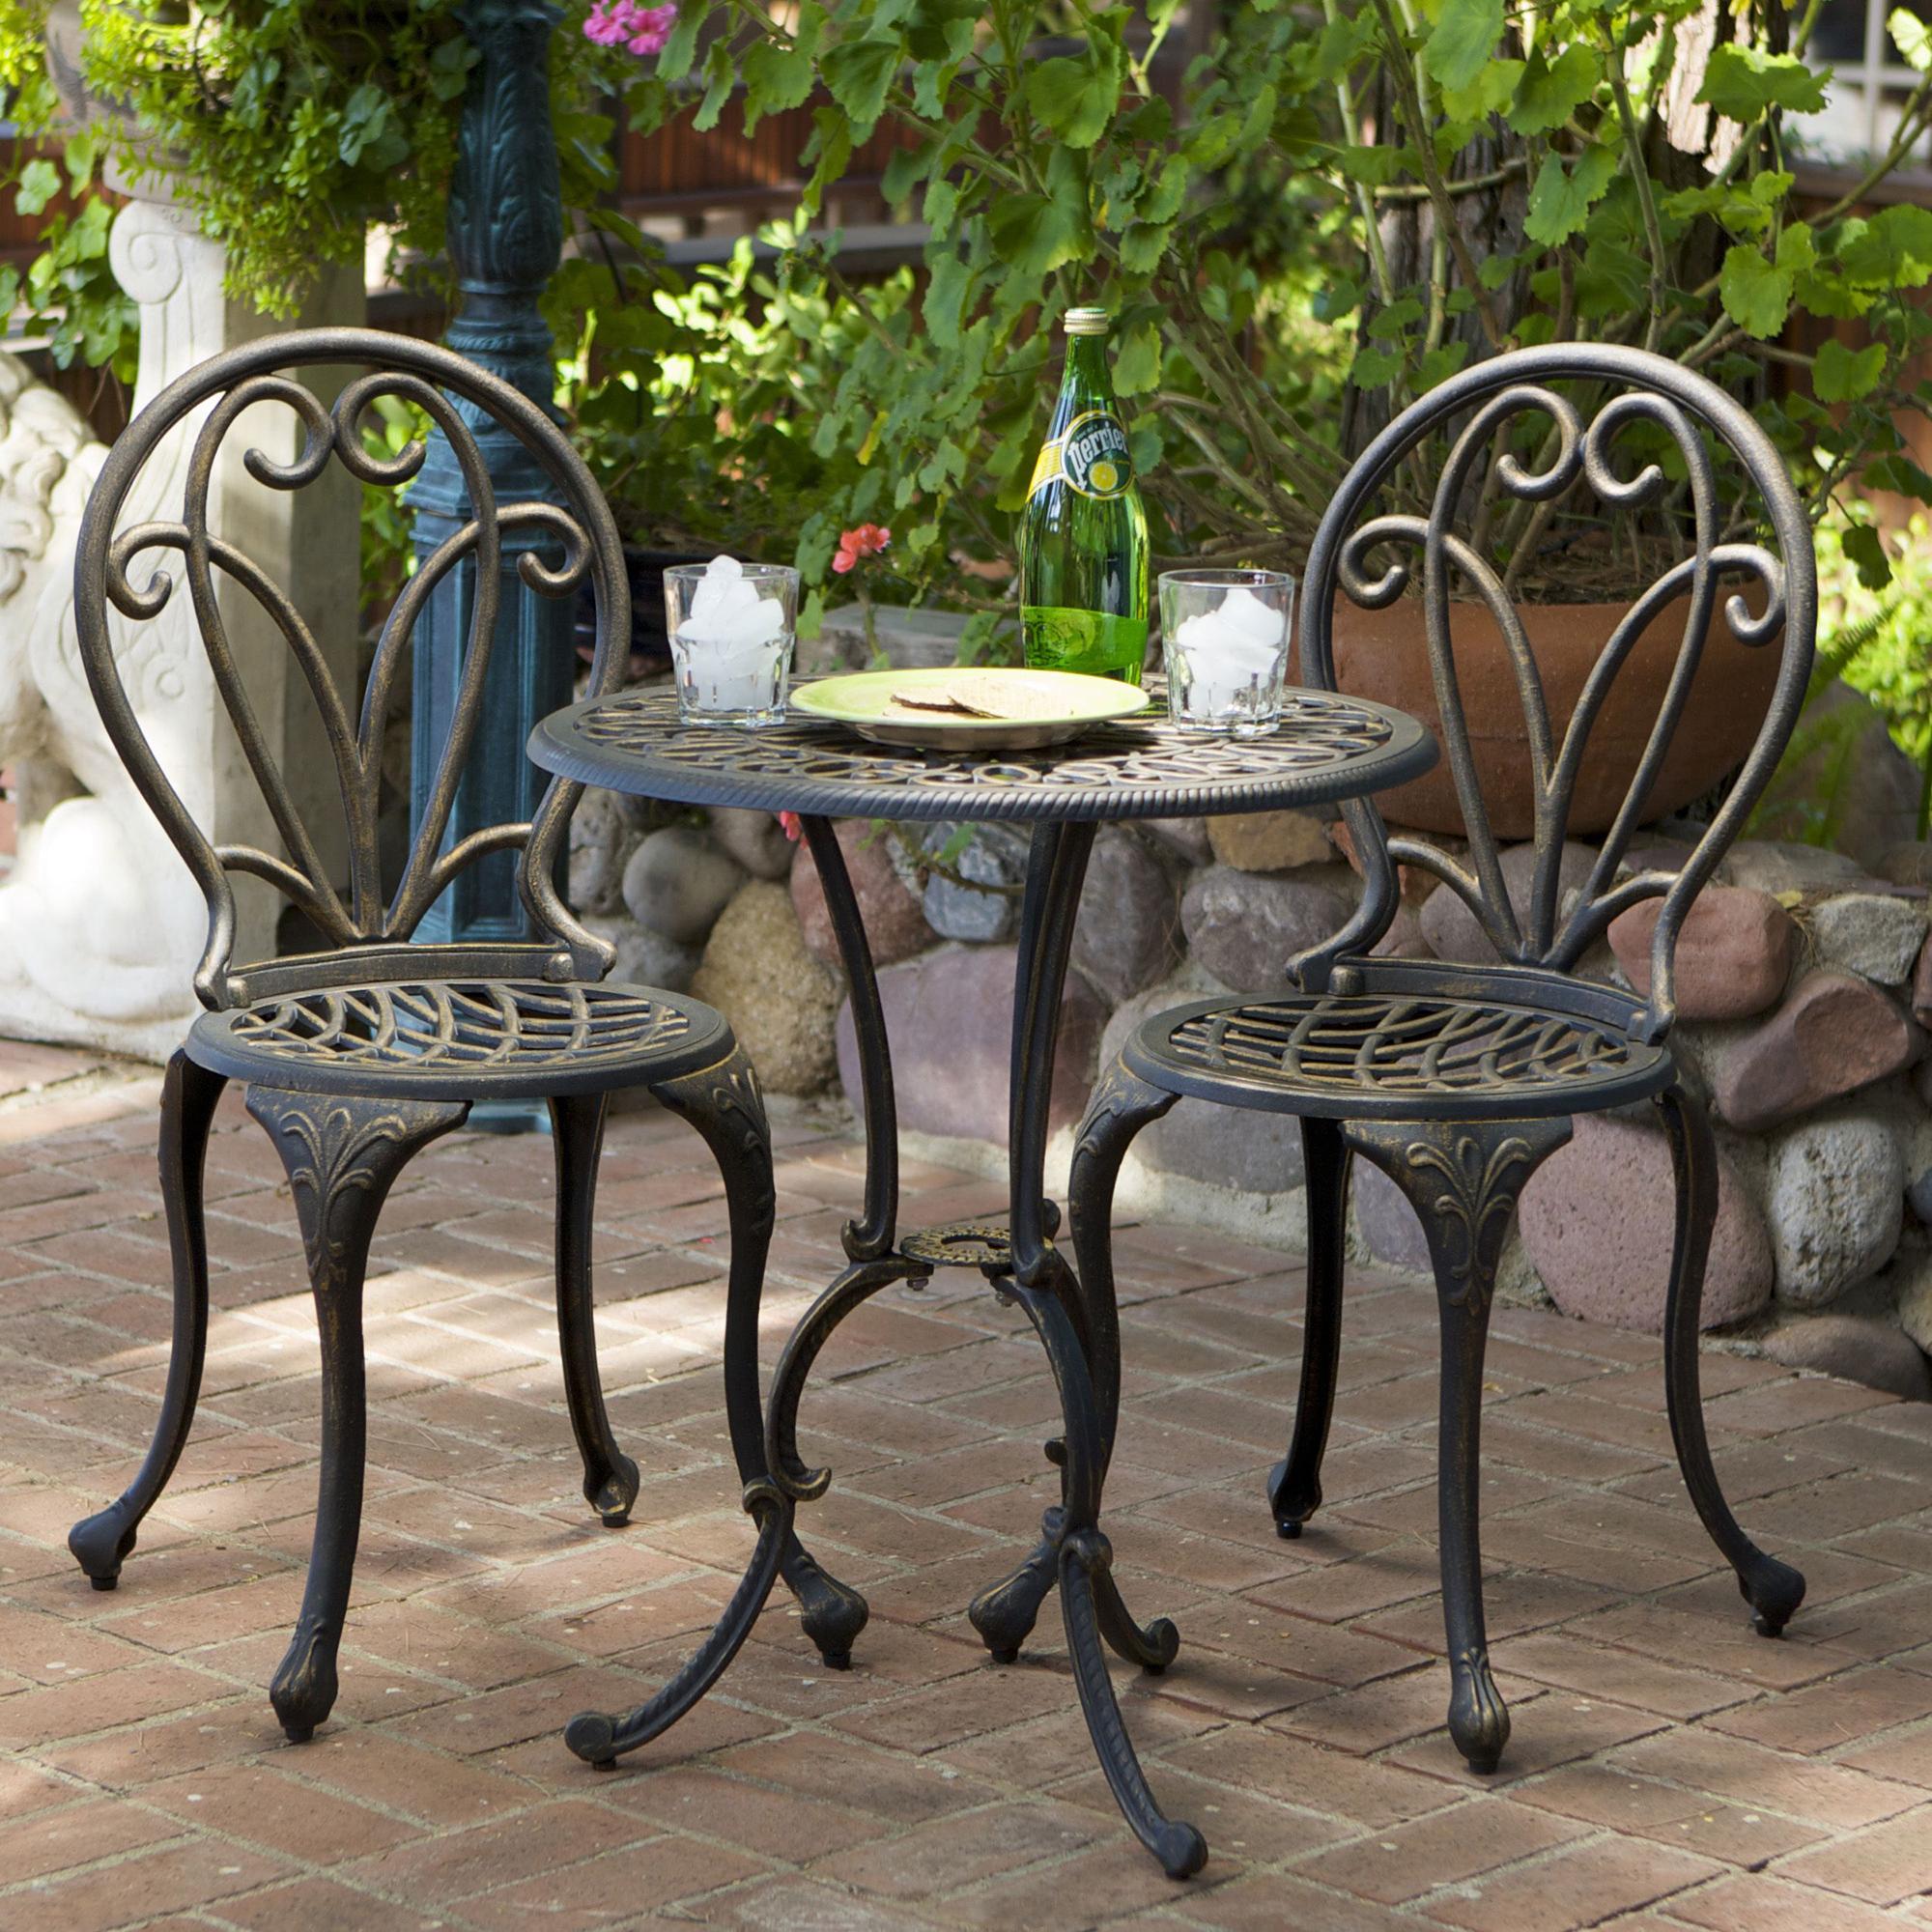 Кованый круглый стол и стулья в саду